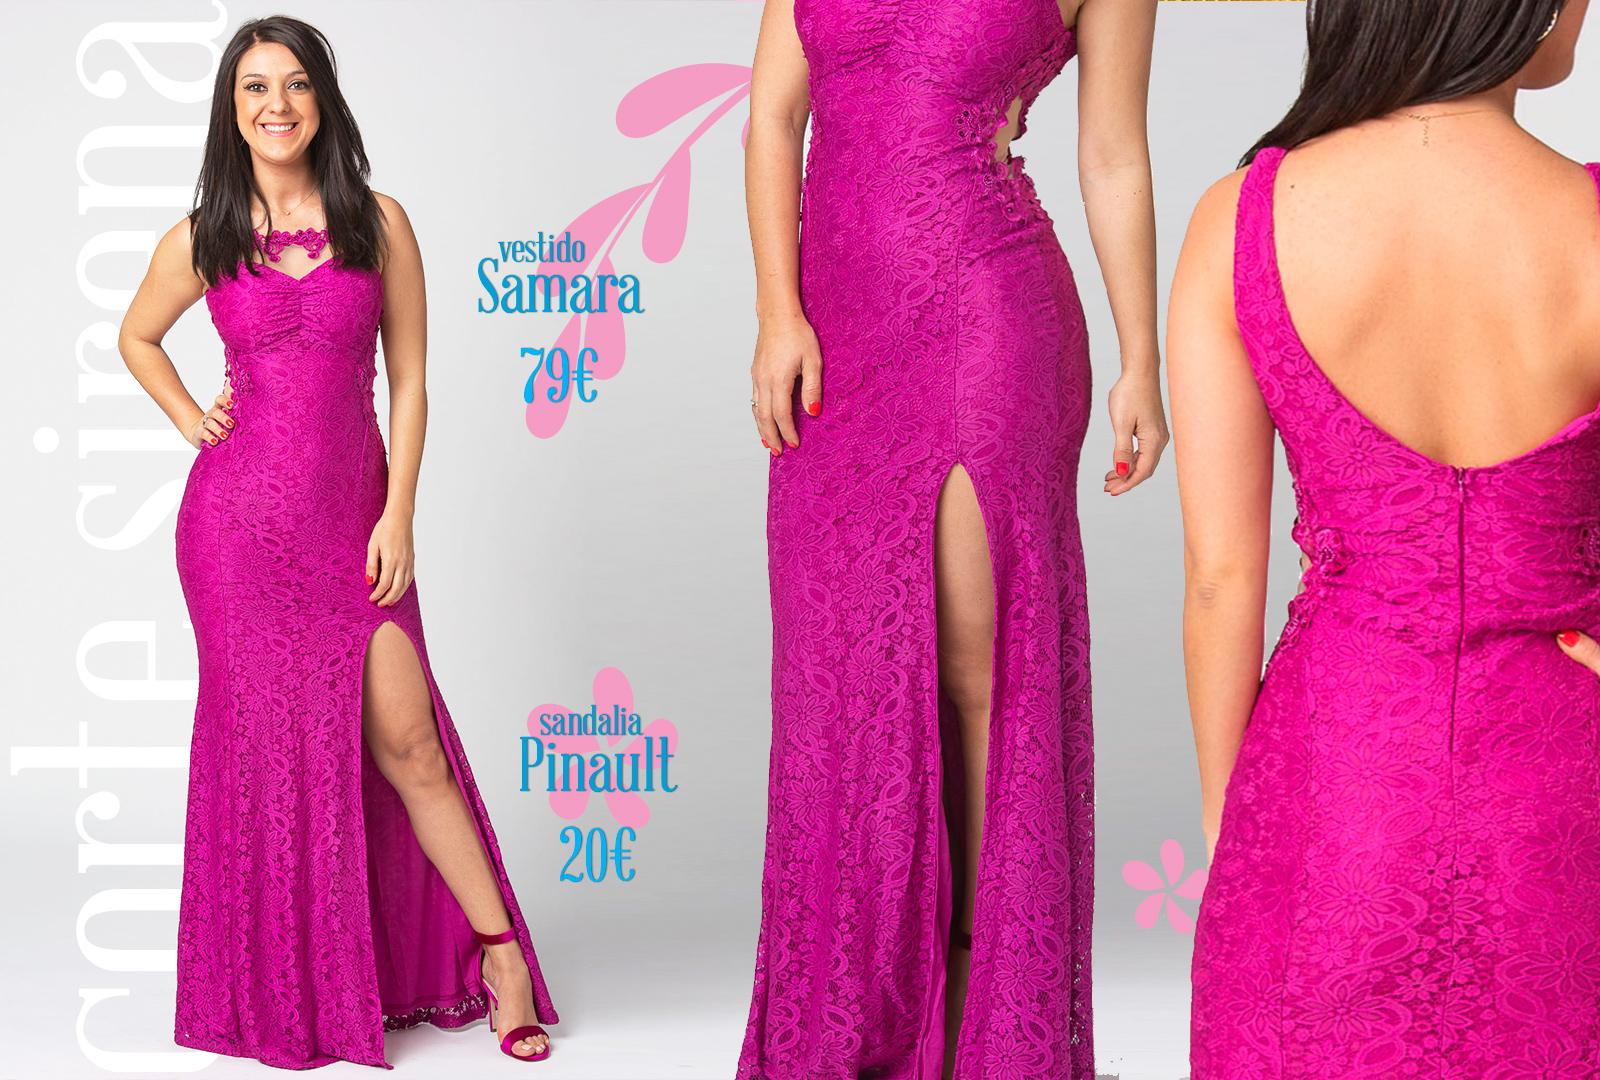 Tipo de vestido de fiesta según cuerpo de mujer - Presagio Boutique